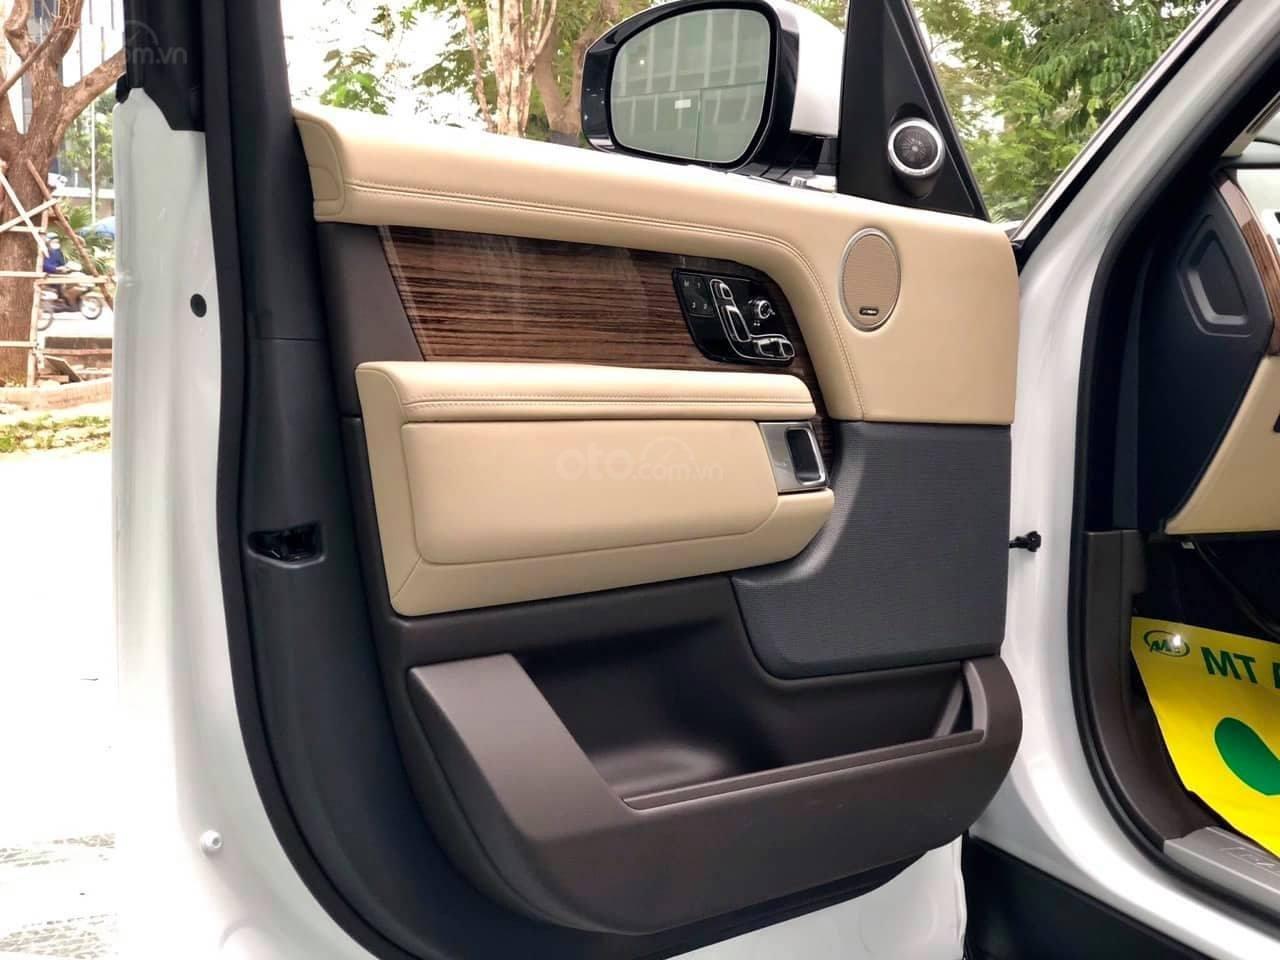 Bán ô tô LandRover Range Rover HSE đời 2018, màu trắng, nhập khẩu nguyên chiếc, LH 0905098888 - 0982.84.2838 (11)